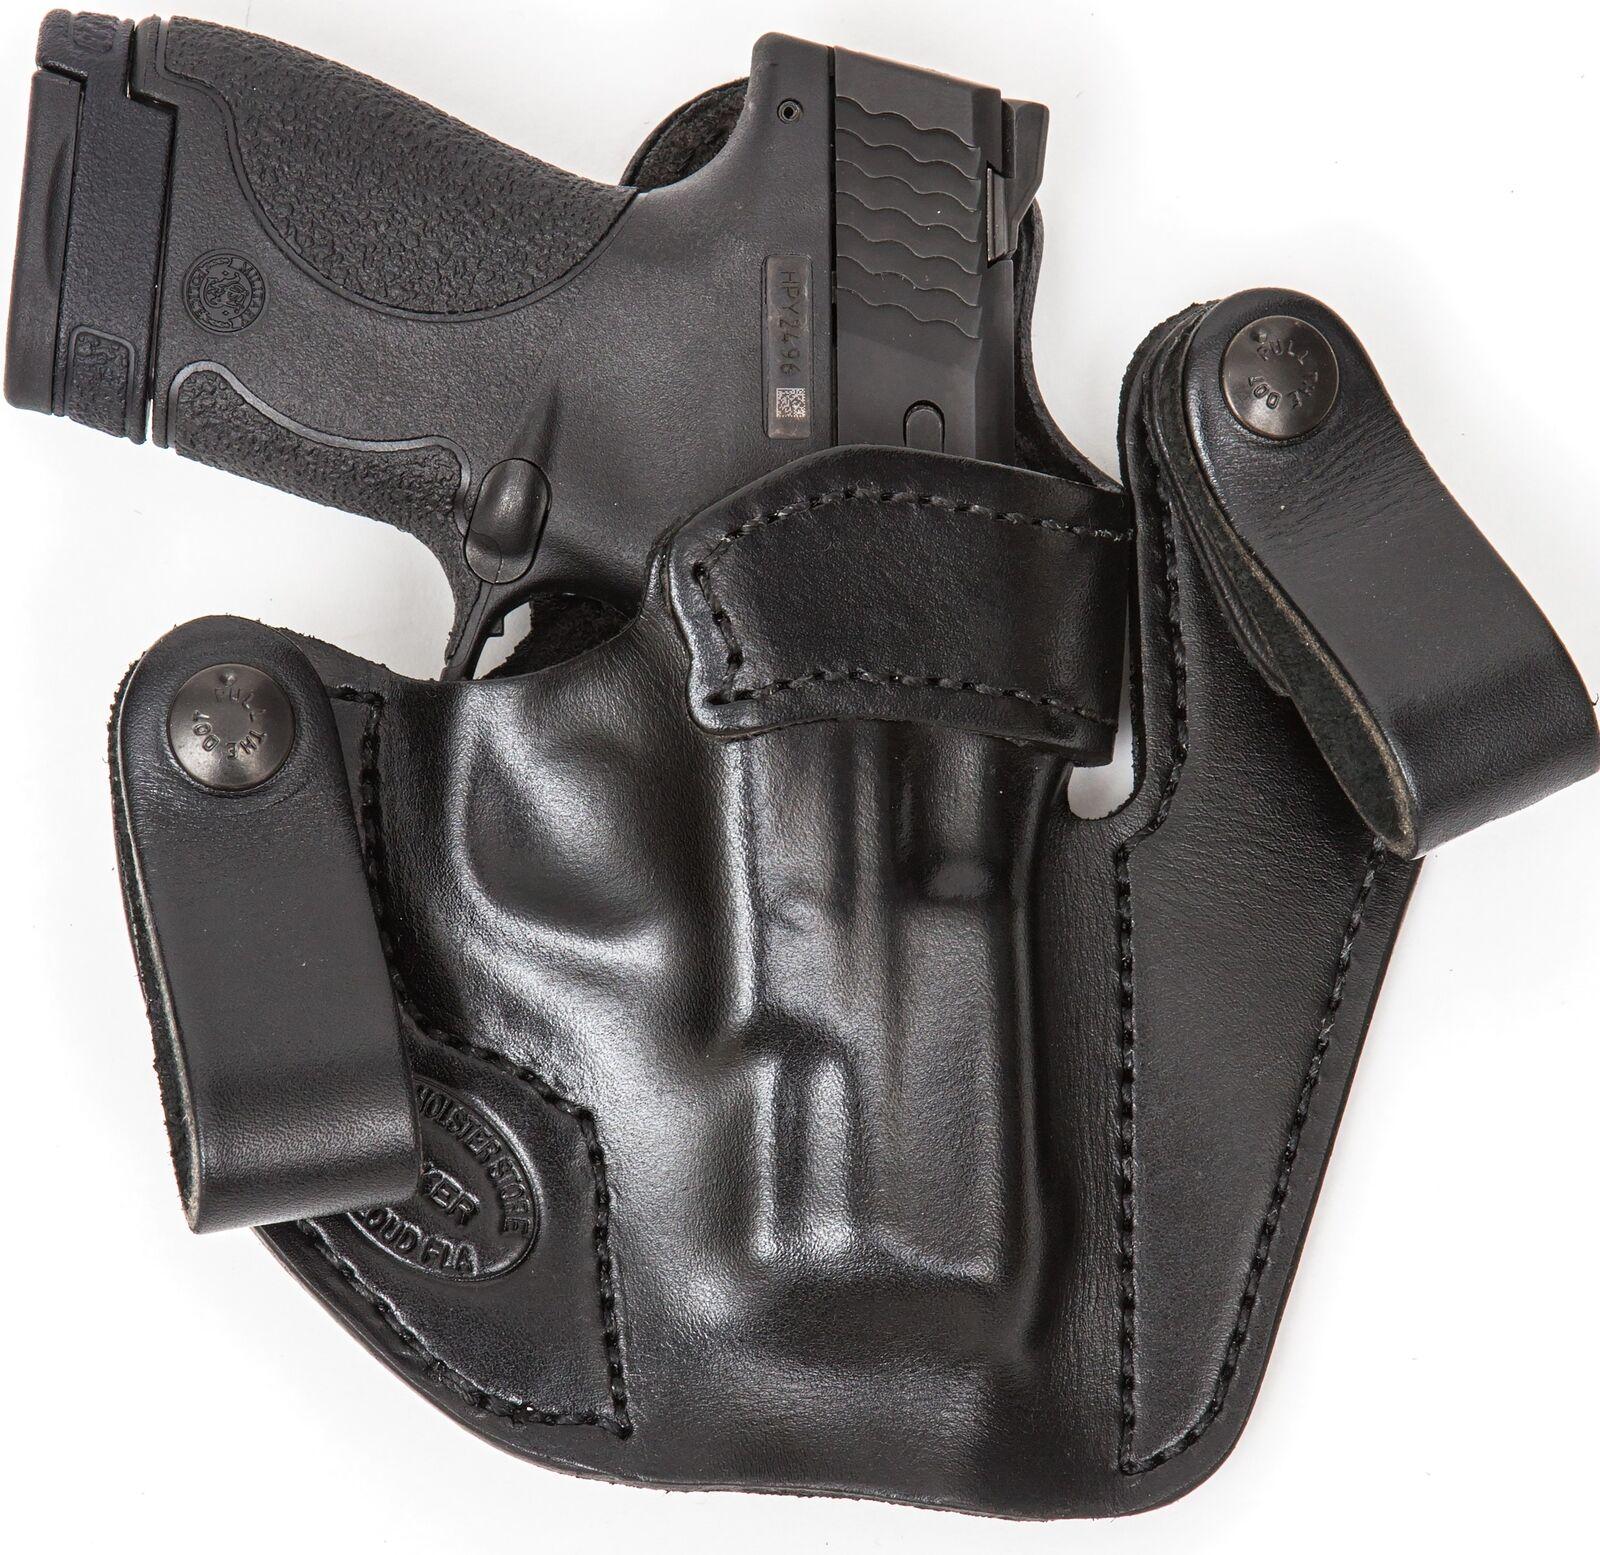 XTREME llevar RH LH dentro de la cintura de cuero Funda Pistola para Taurus PT111 140 145